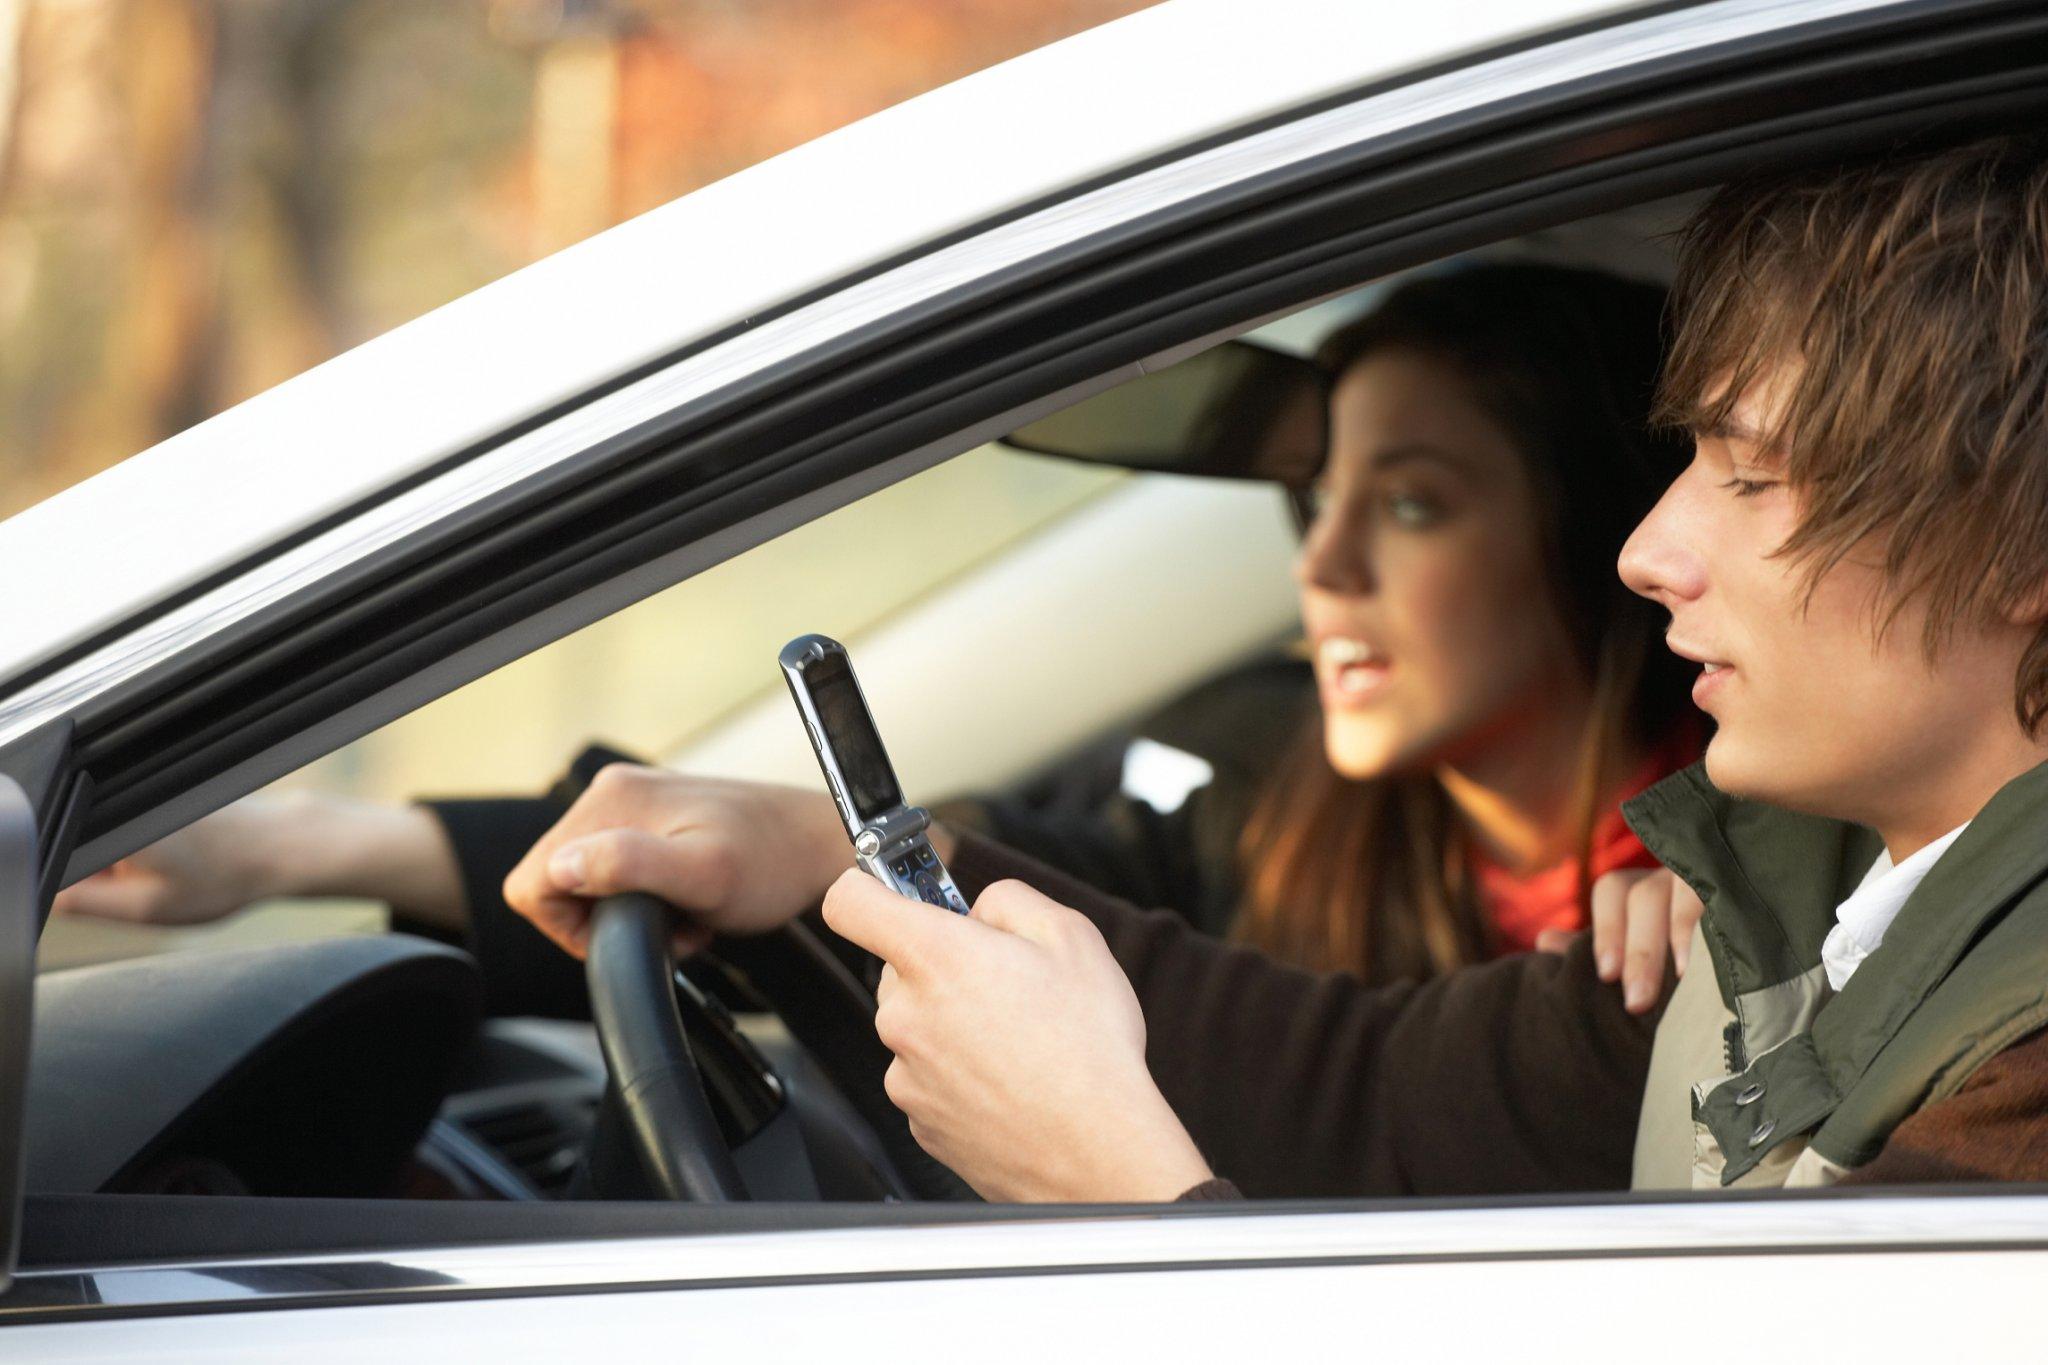 Auriculares que se pueden usar conduciendo